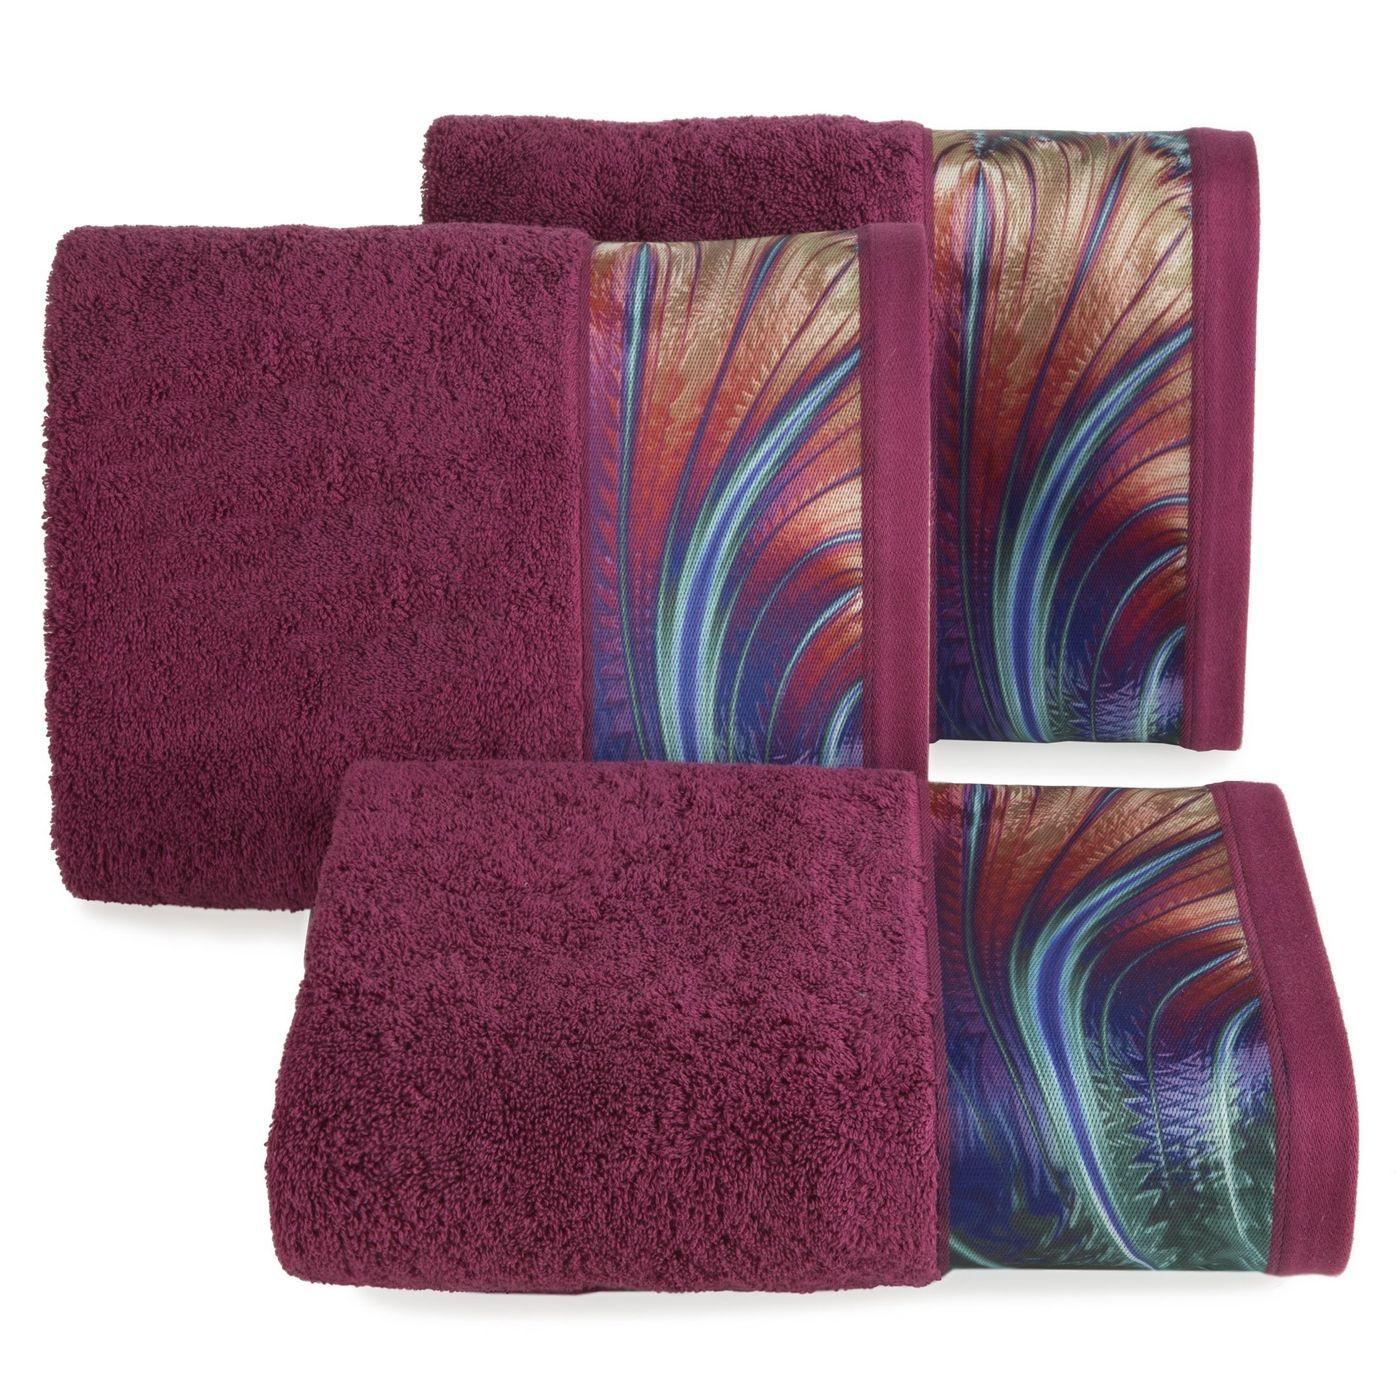 Amarantowy ręcznik kąpielowy - moj wybór Eva Minge - 50x90 cm